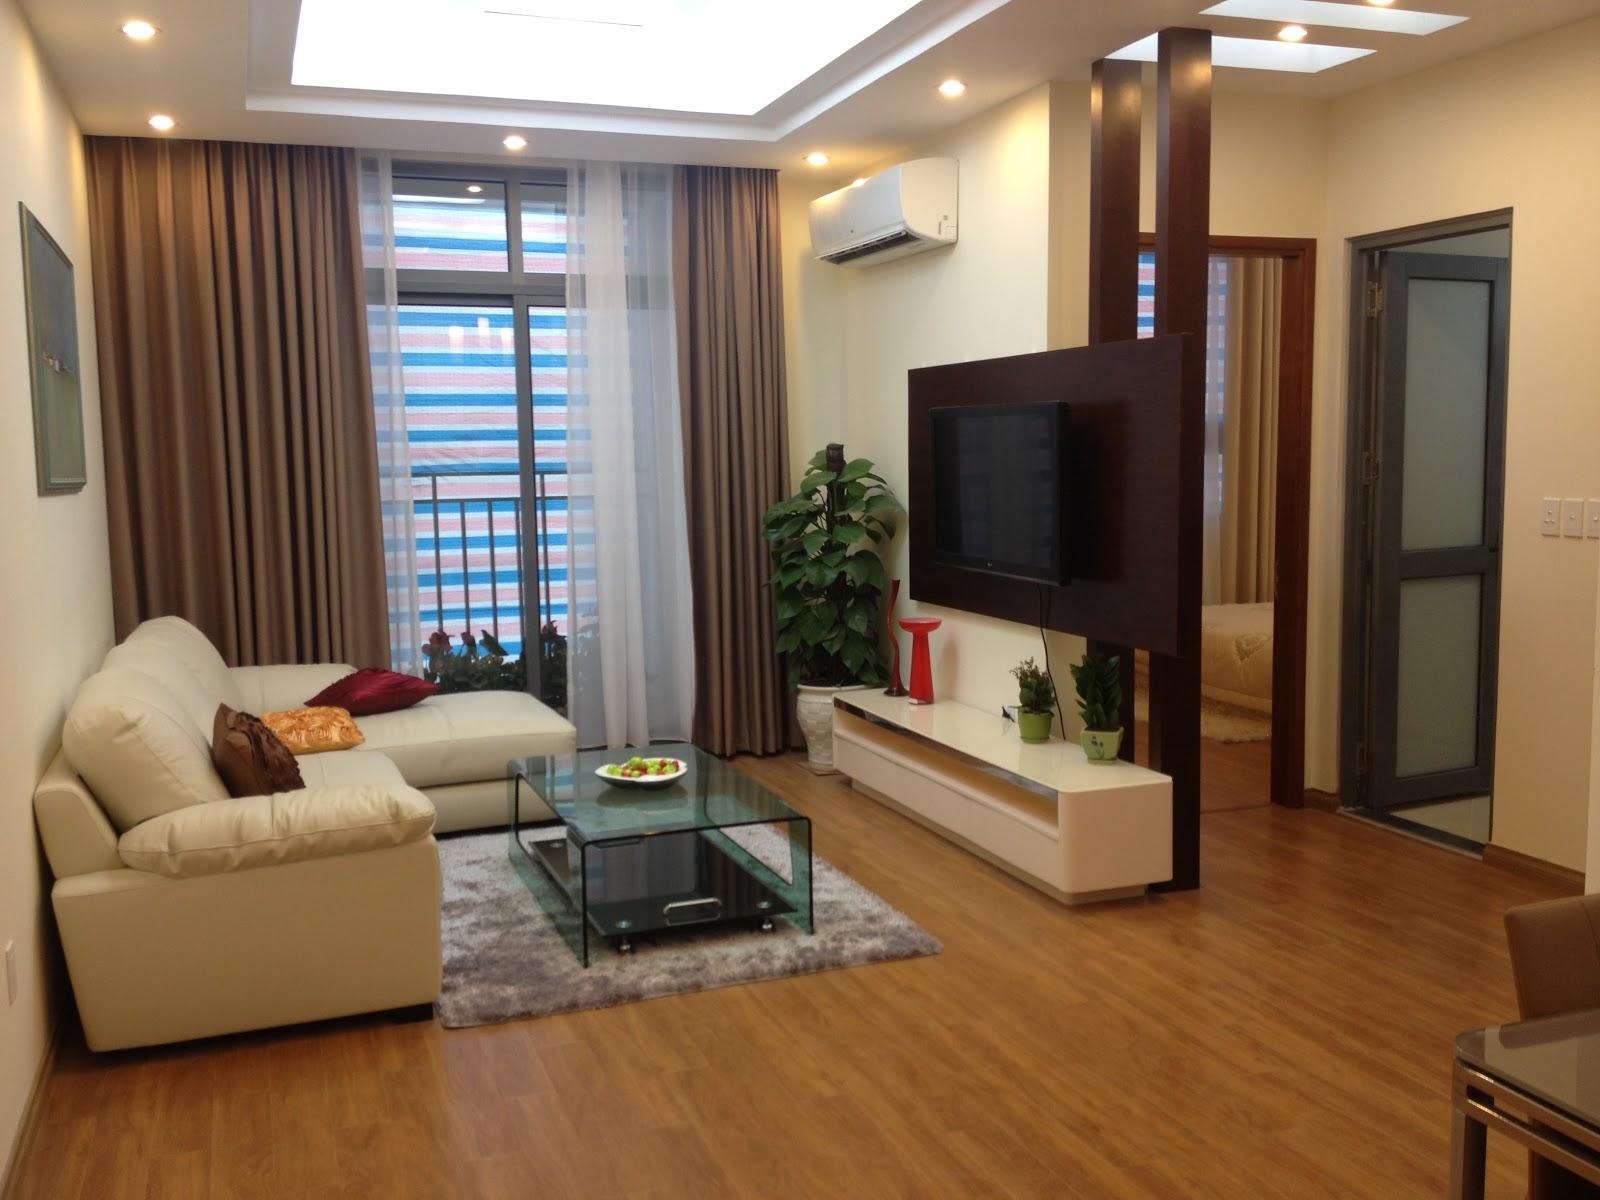 Căn hộ cao cấp tại chung cư An Bình City - 232 Phạm Văn Đồng